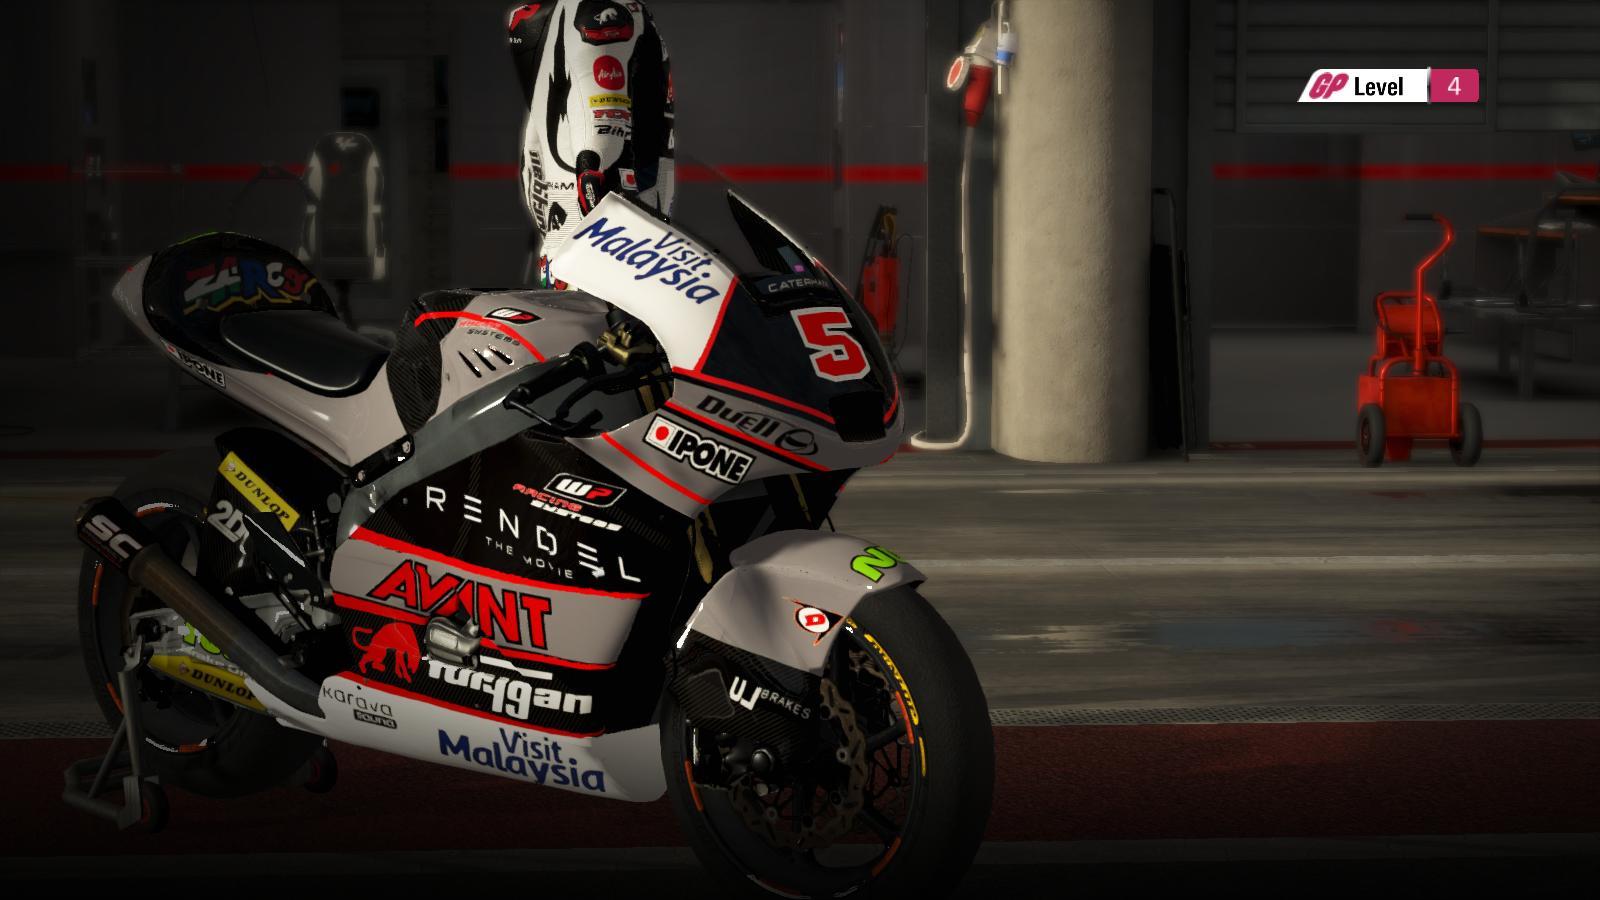 MotoGP14 2015-06-04 17-43-12-74.jpg